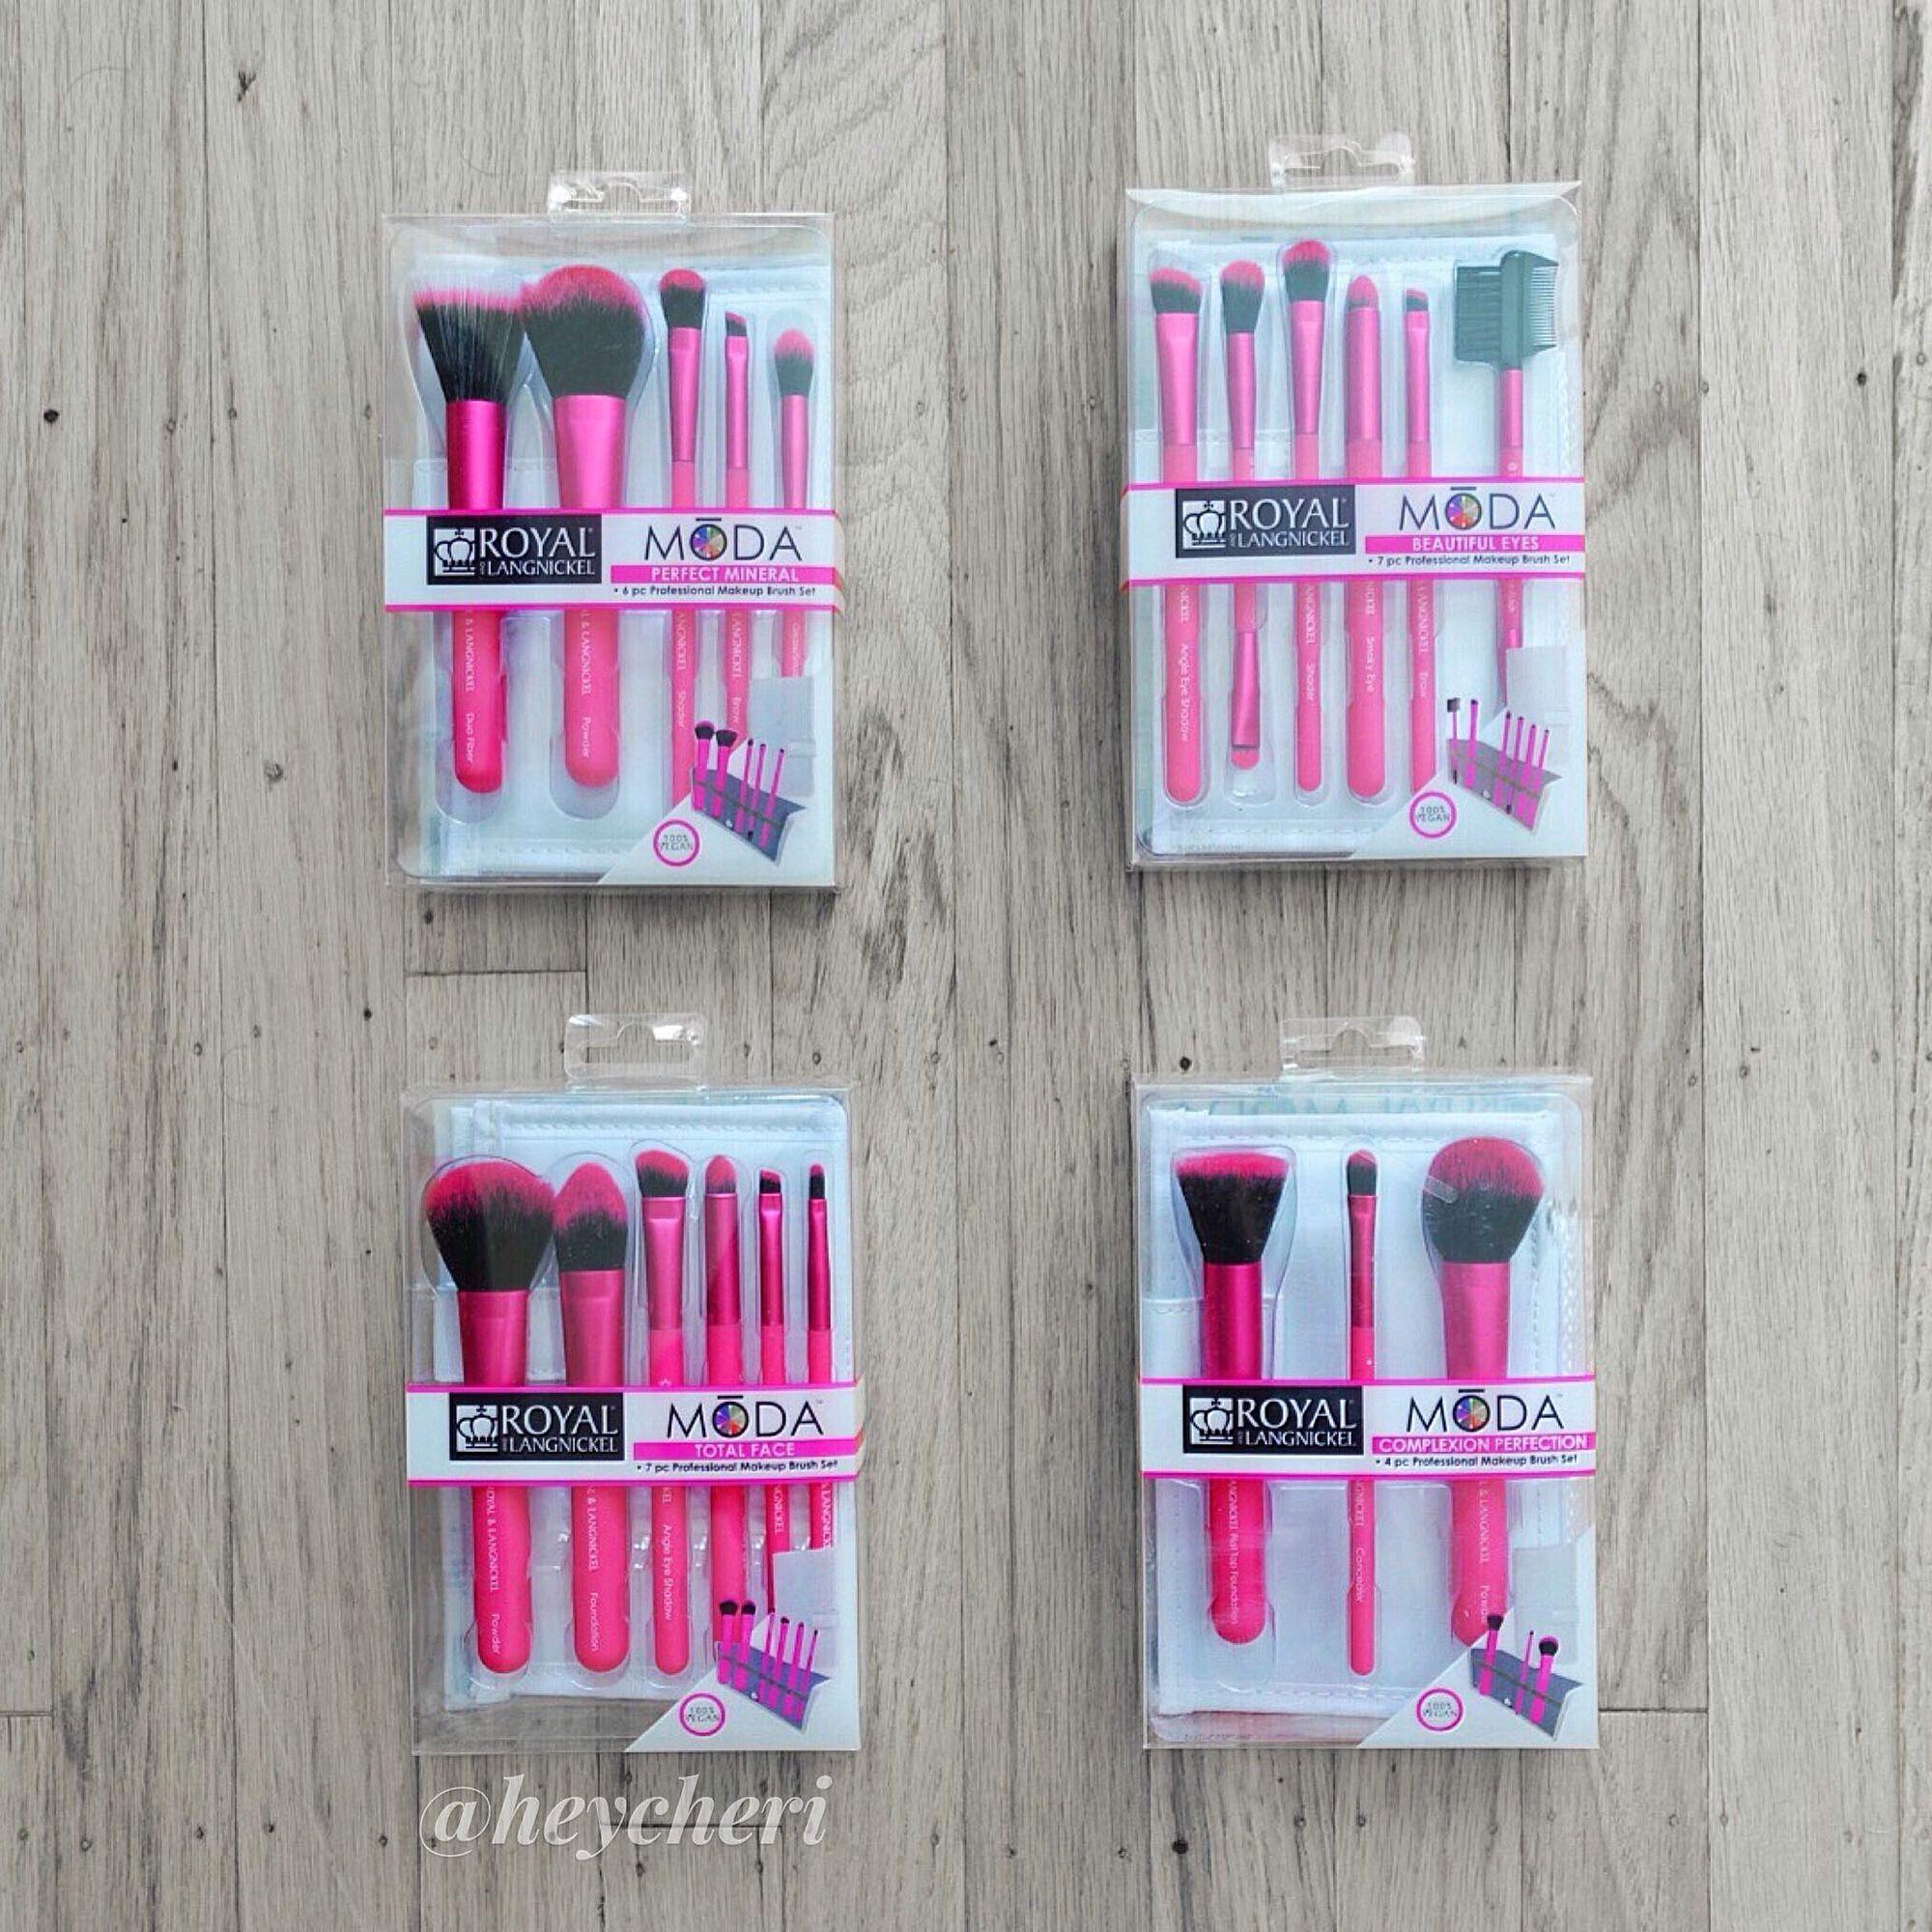 Royal langnickel moda makeup brushes im doing a giveaway and royal langnickel moda makeup brushes im doing a giveaway and makeup tutorial on baditri Choice Image